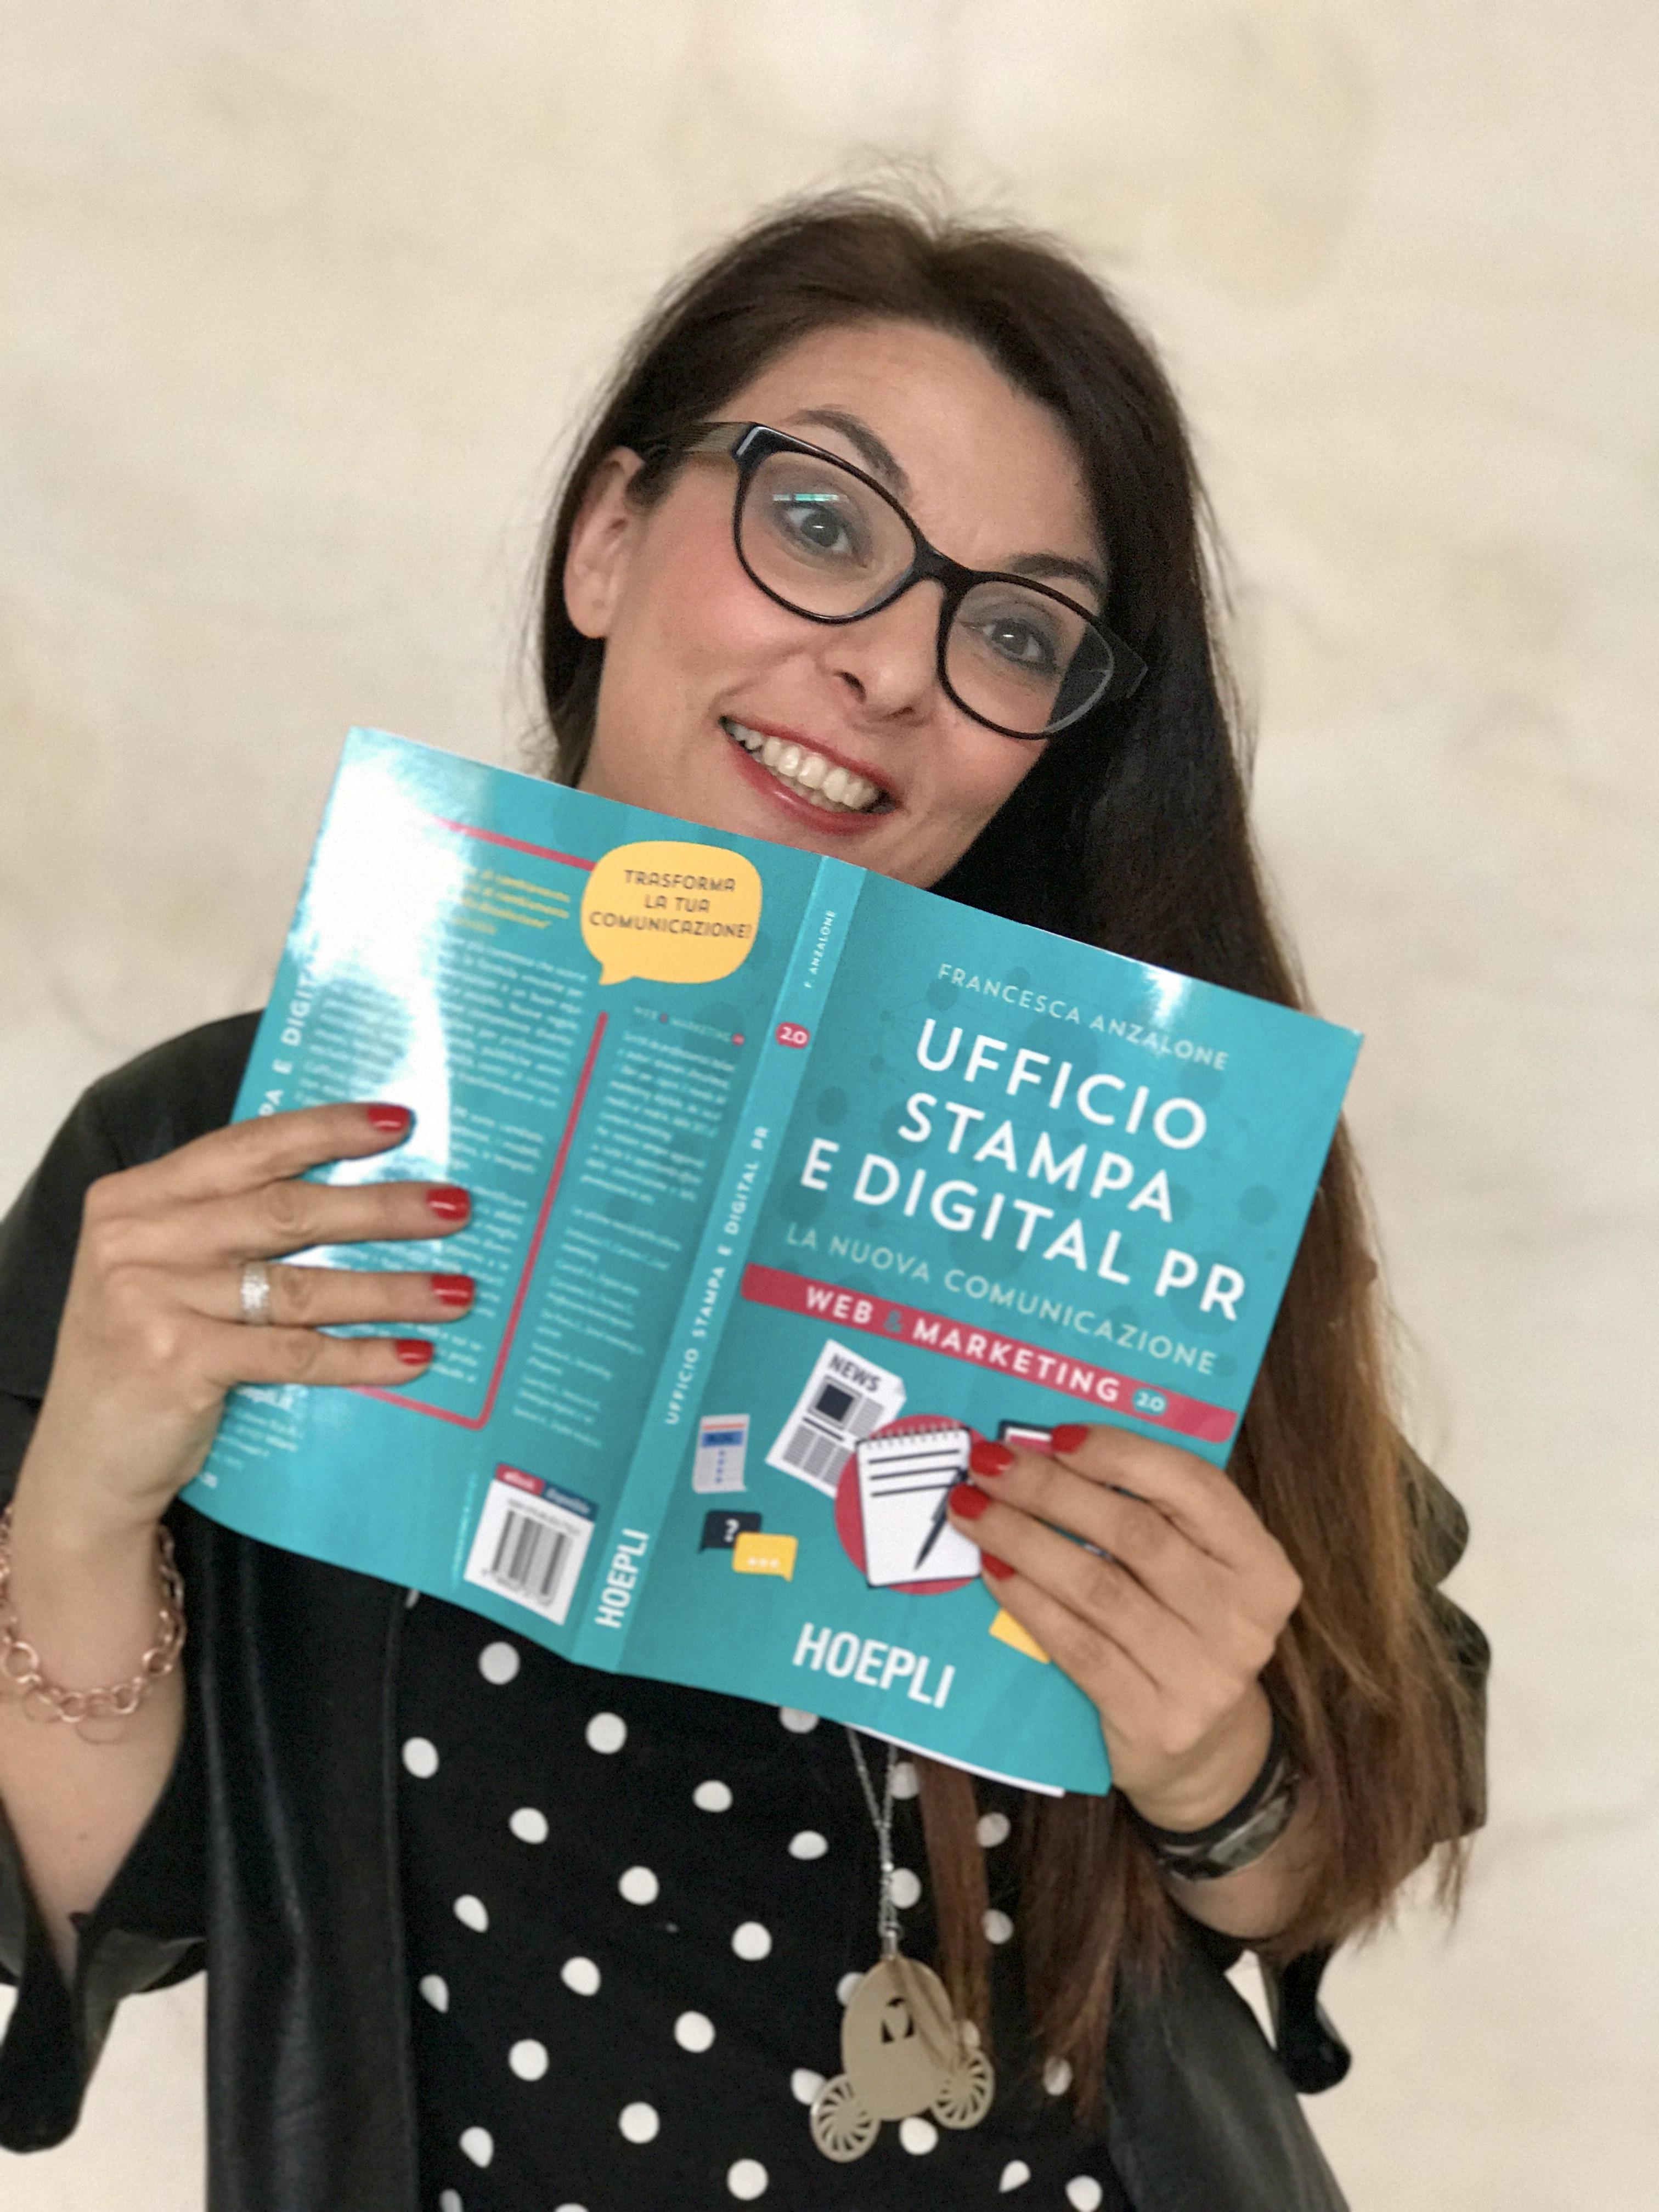 Francesca Anzalone, Digital PR - Ufficio stampa e Digital PR, quali le nuove professioni?